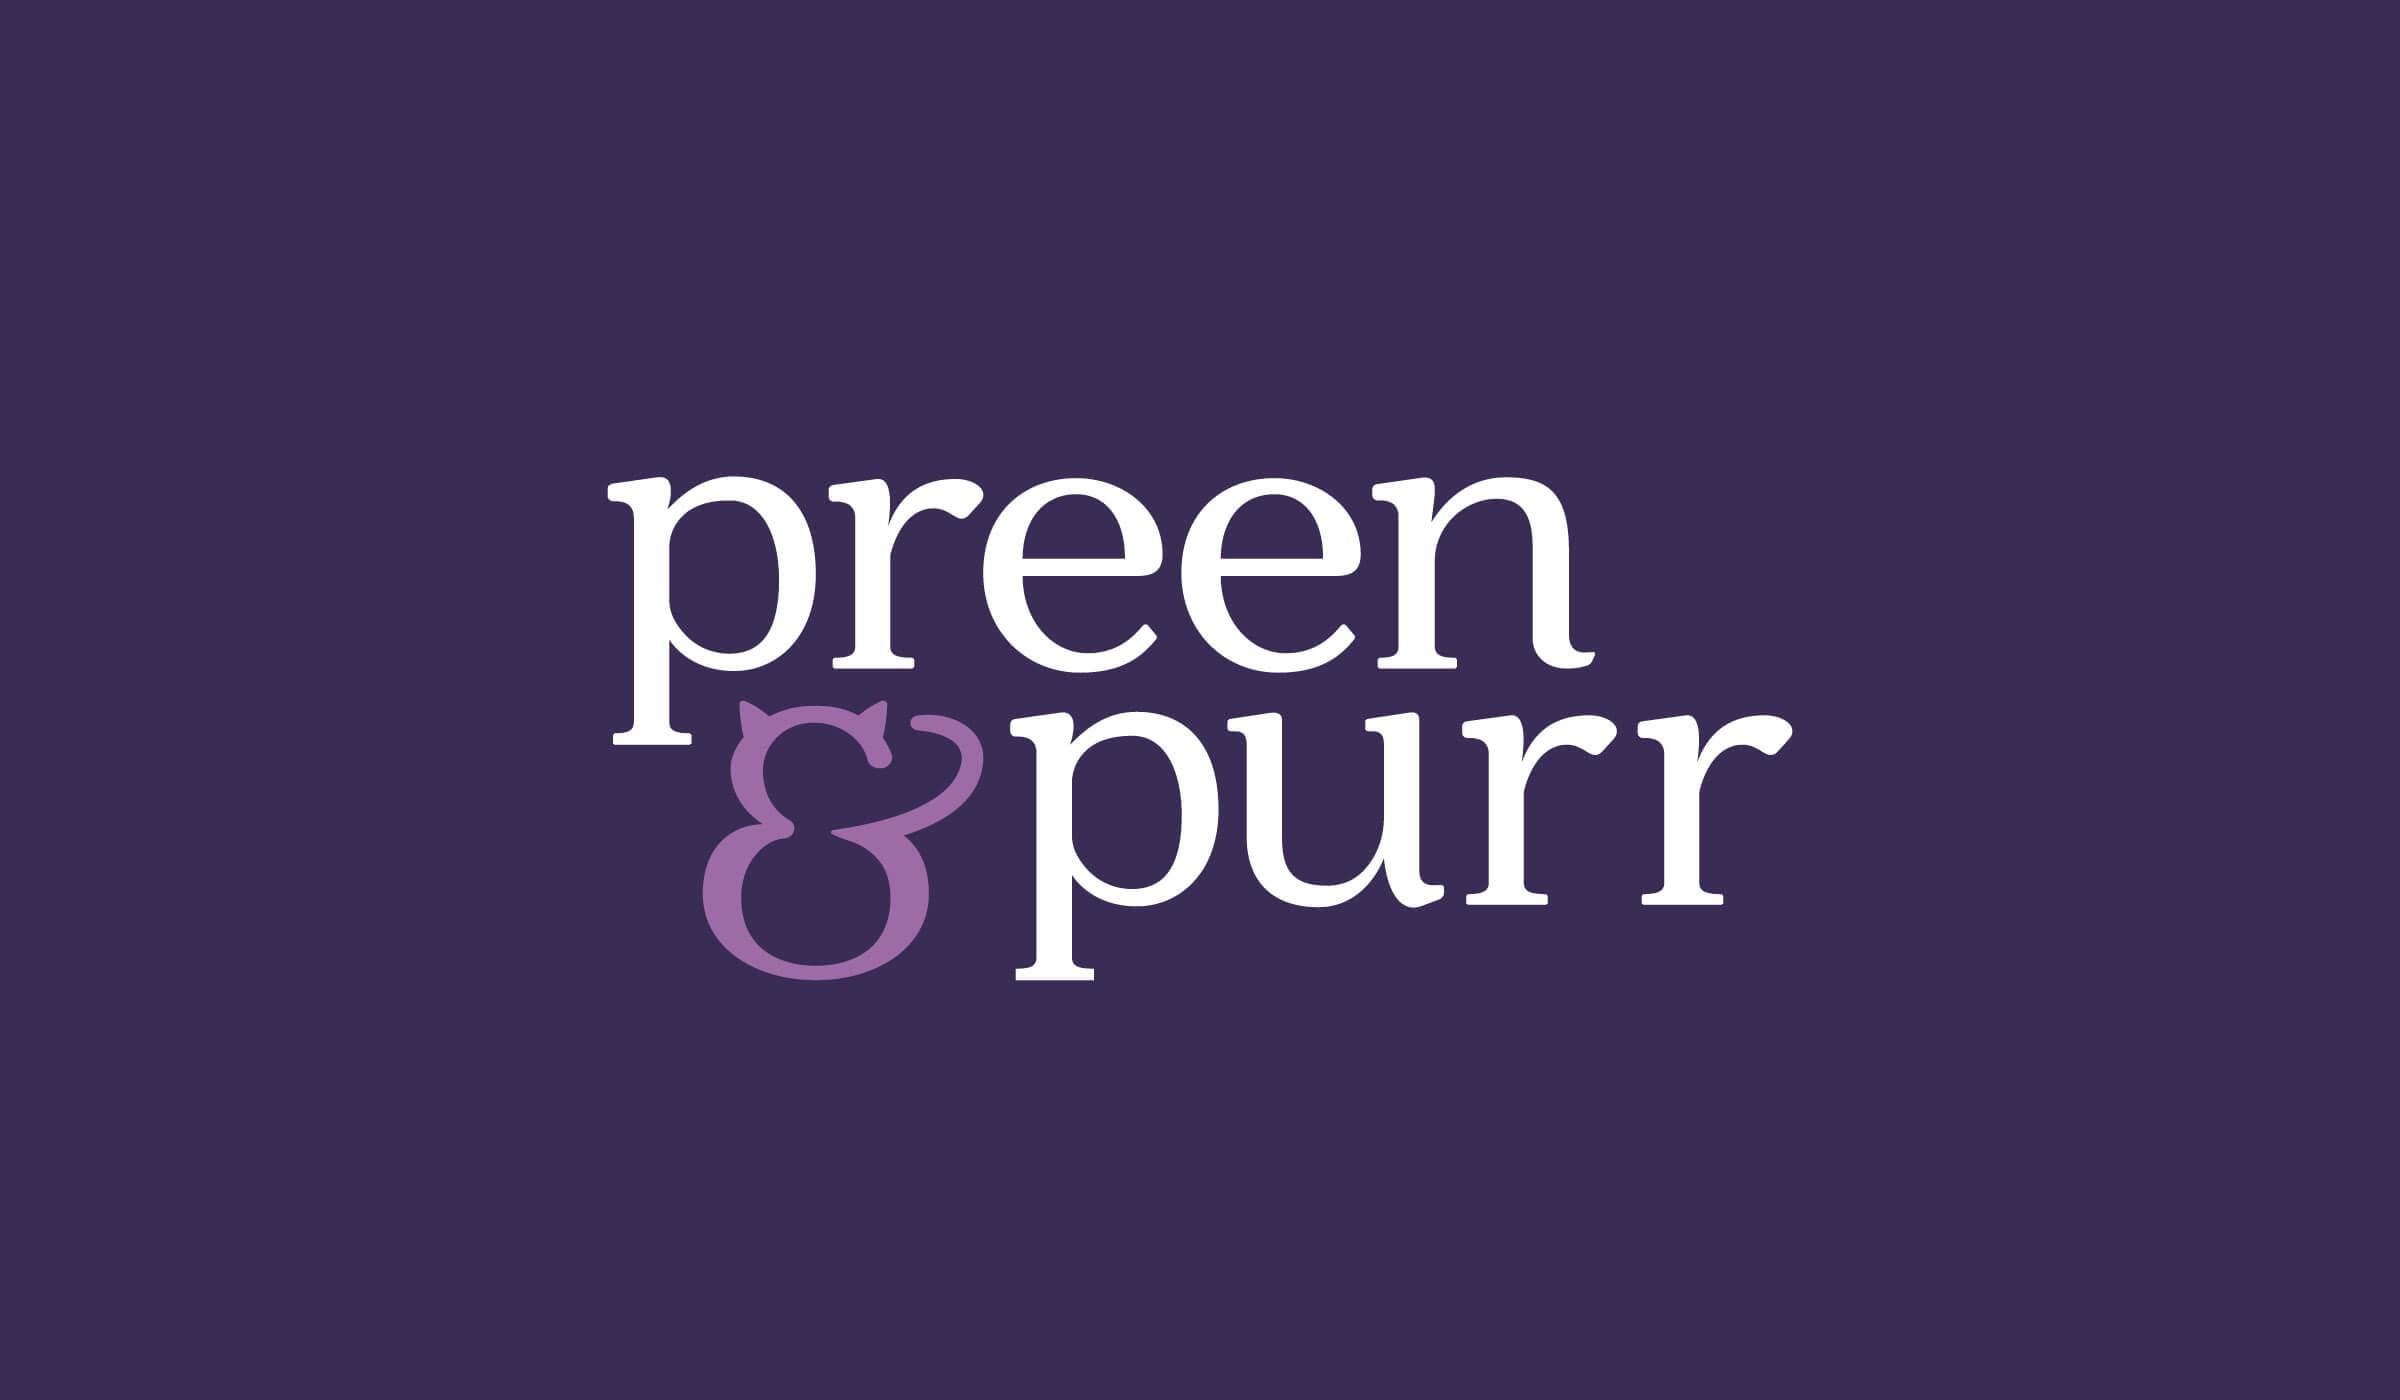 Logo design for Bristol based cat groomer